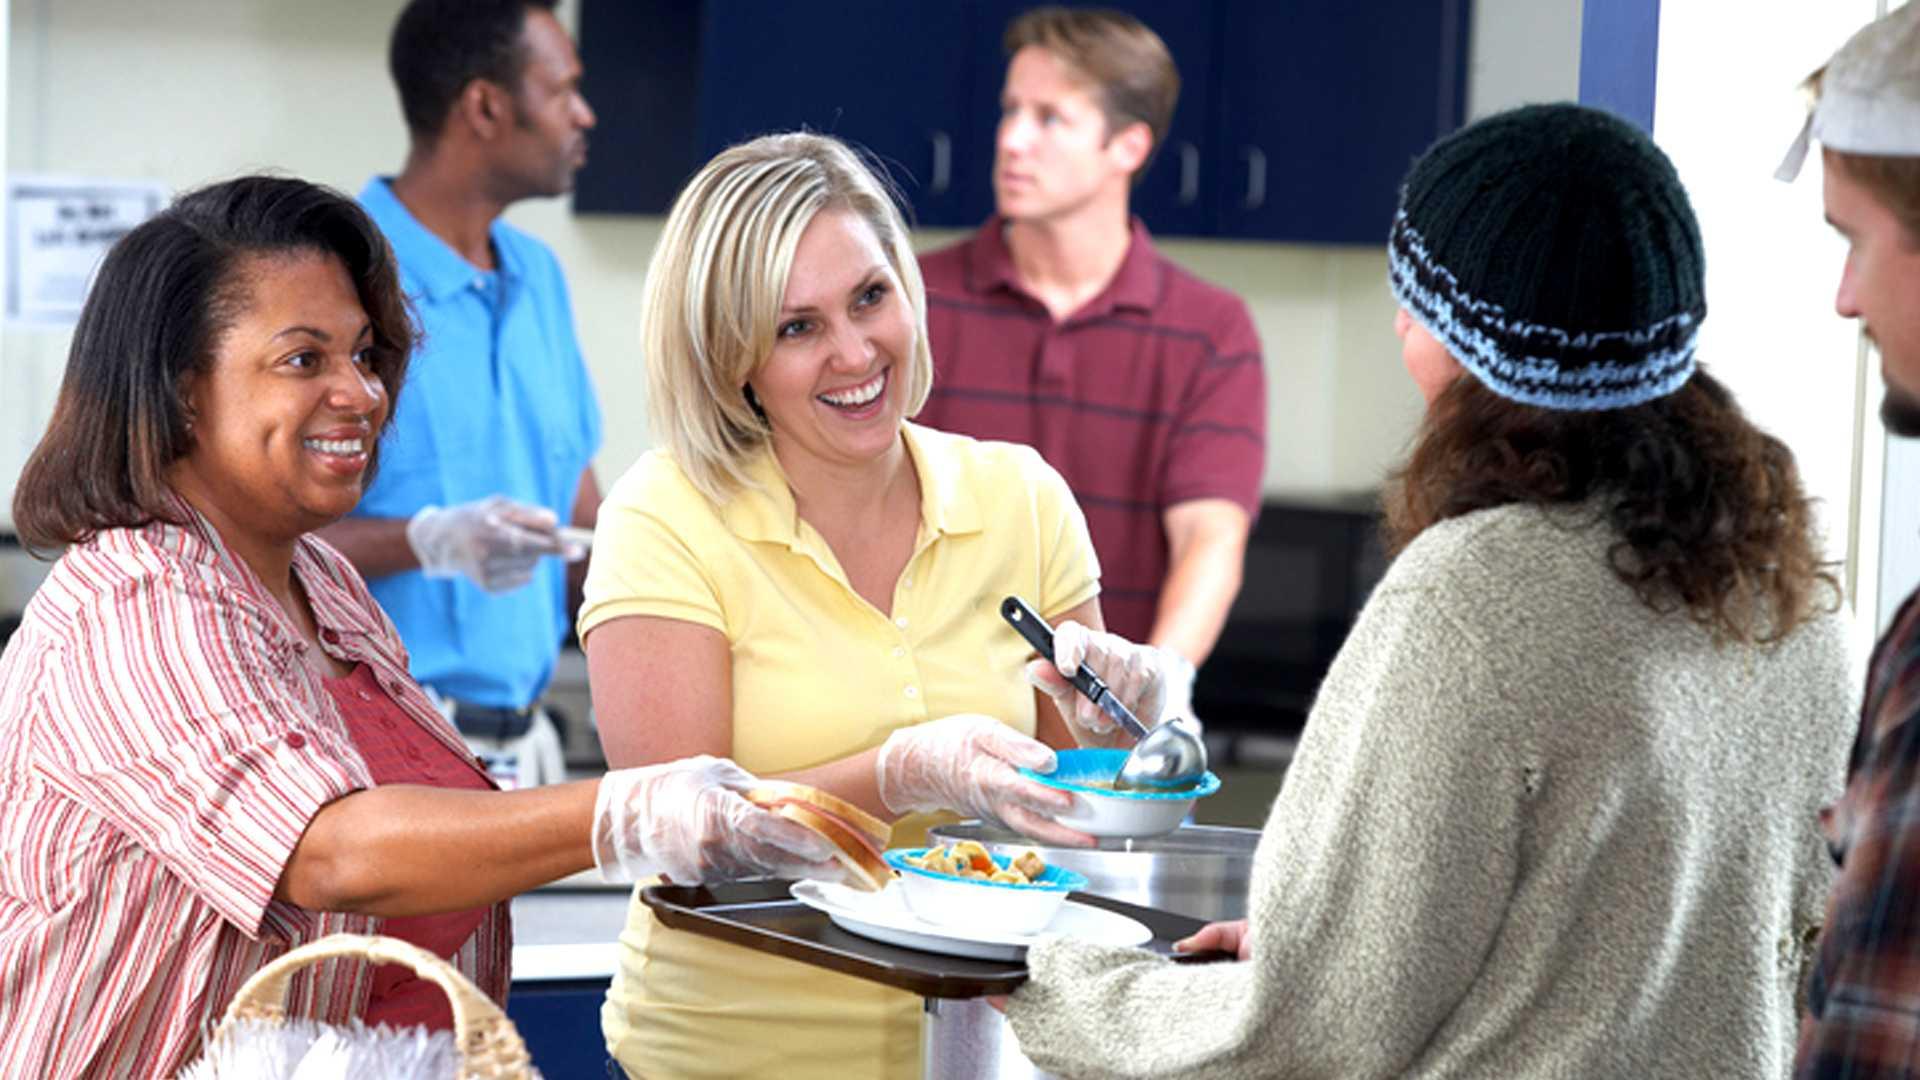 Volunteers serve food to those in need.